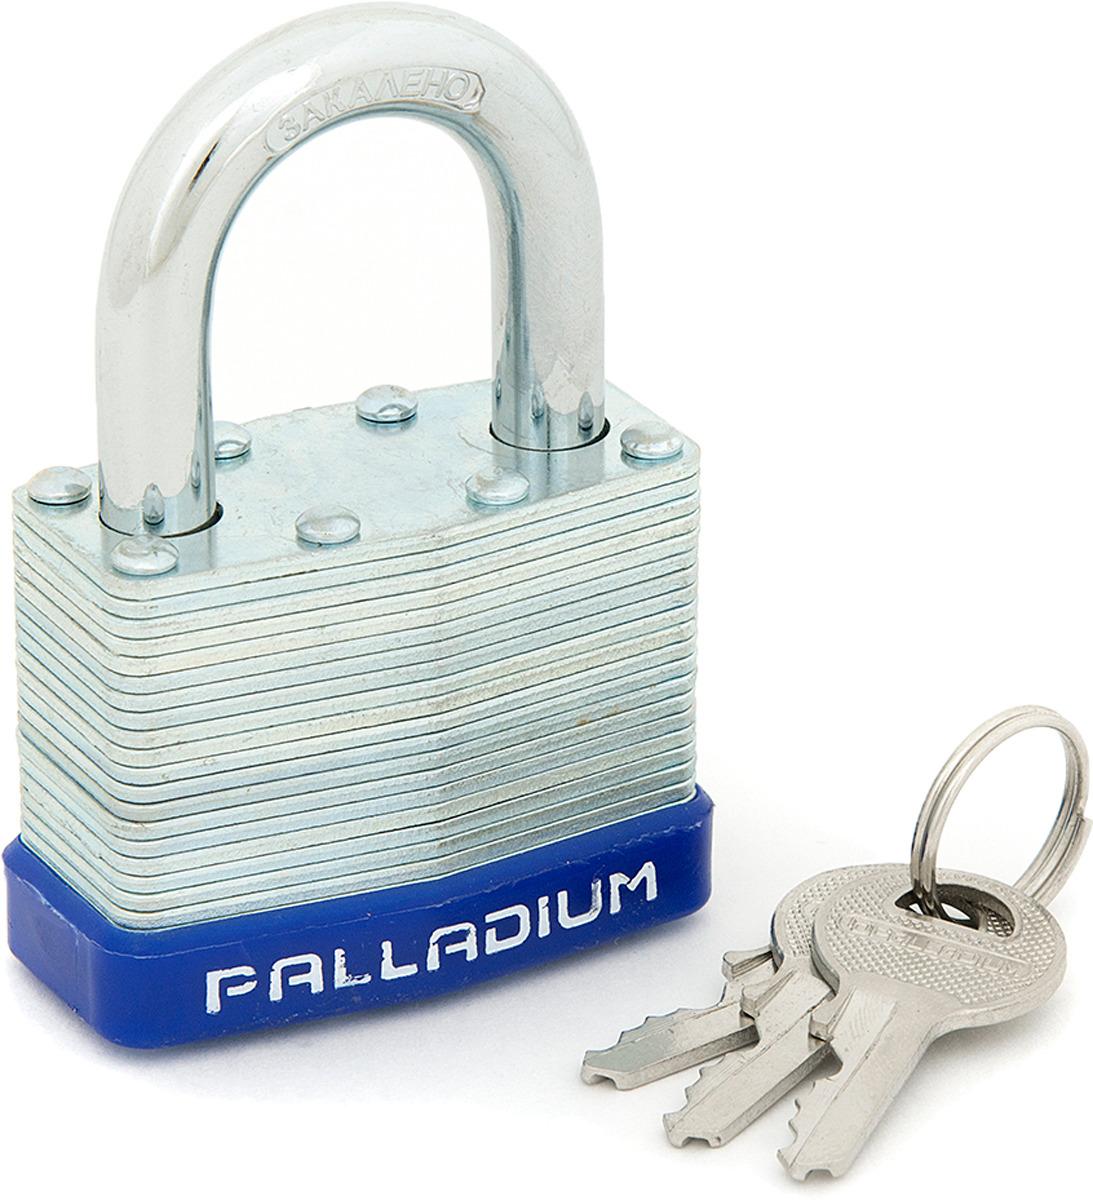 Замок навесной Palladium, цвет: серый металлик. 00009294 замок навесной palladium цвет синий 00010101